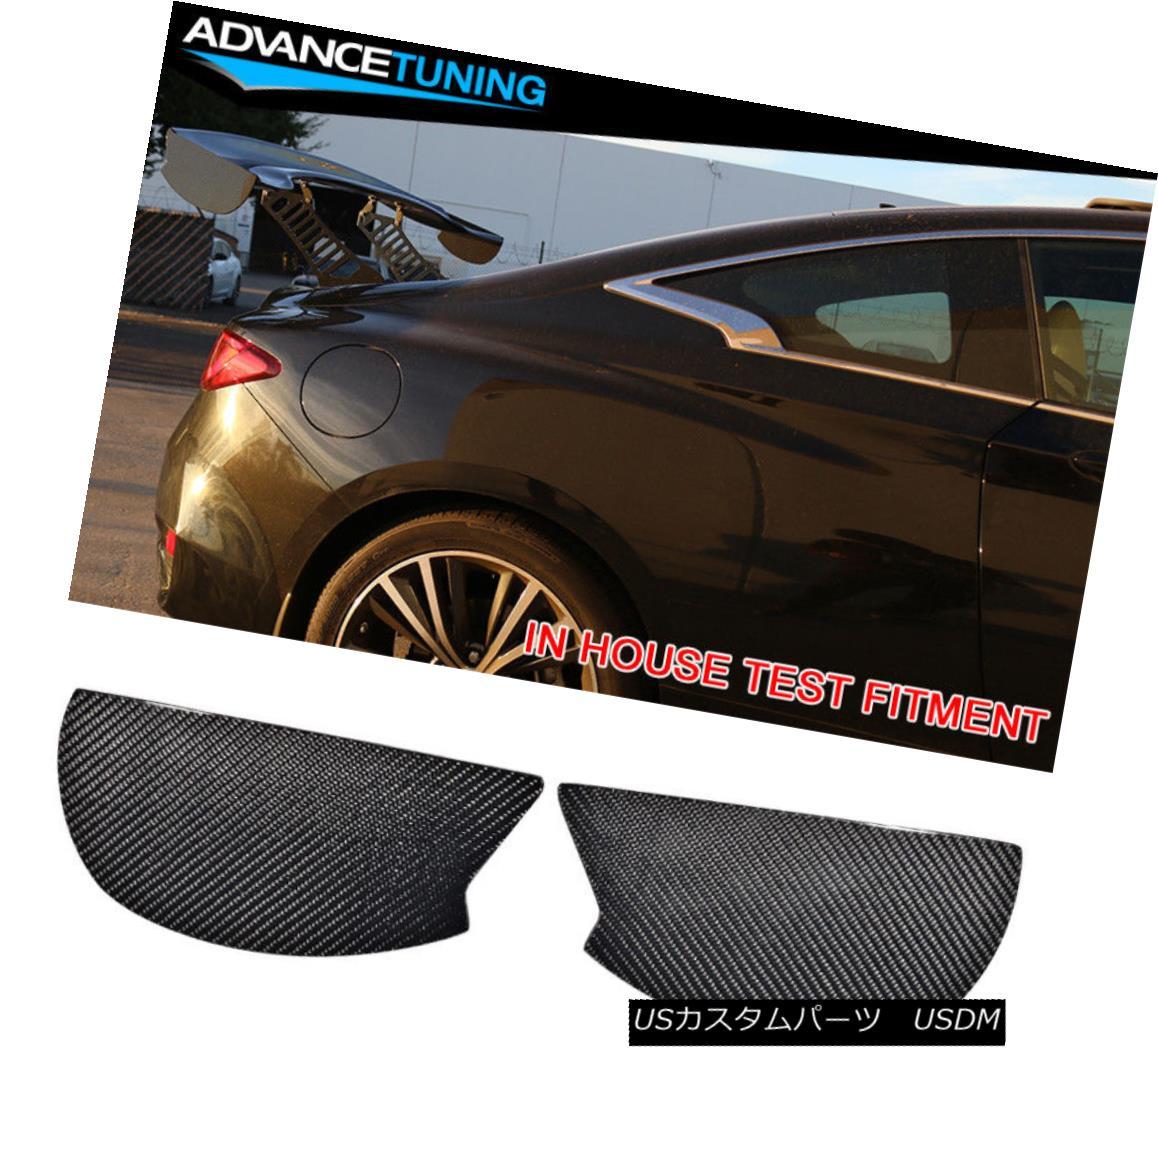 エアロパーツ V3 Style Universal GT Trunk Spoiler Wing Side Plate Add On Carbon Fiber CF V3スタイルユニバーサルGTトランク・スポイラーウイングサイド・プレートにカーボン・ファイバーCFを追加